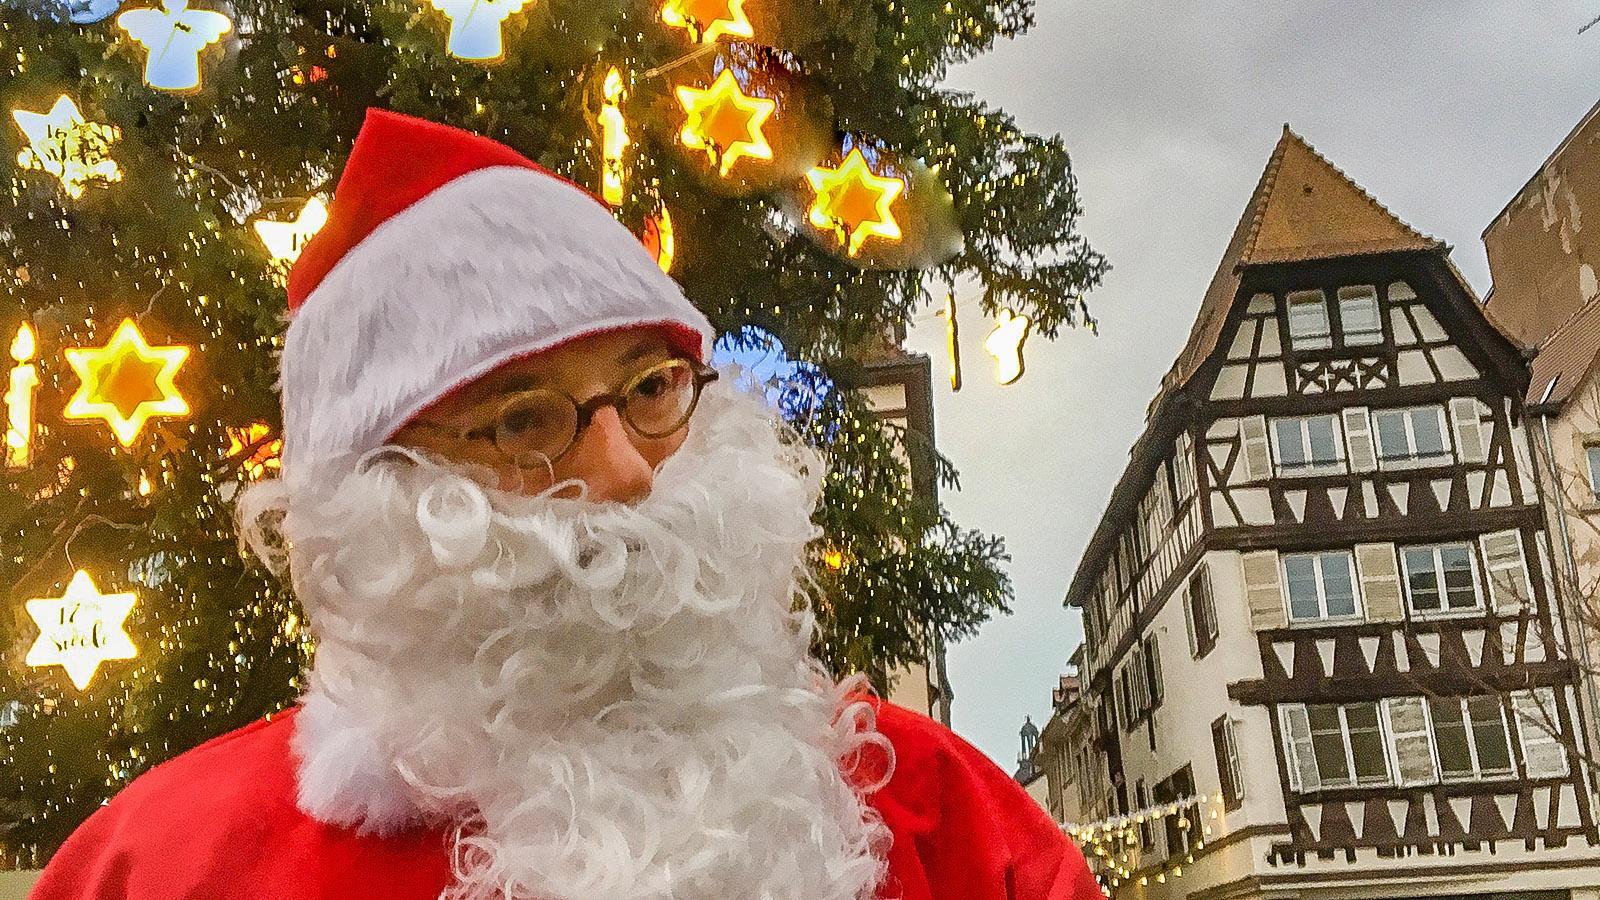 Weihnachtsmärkte: Père Noël ist auf den Weihnachtsmärkten unterwegs! Foto: Hilke Maunder